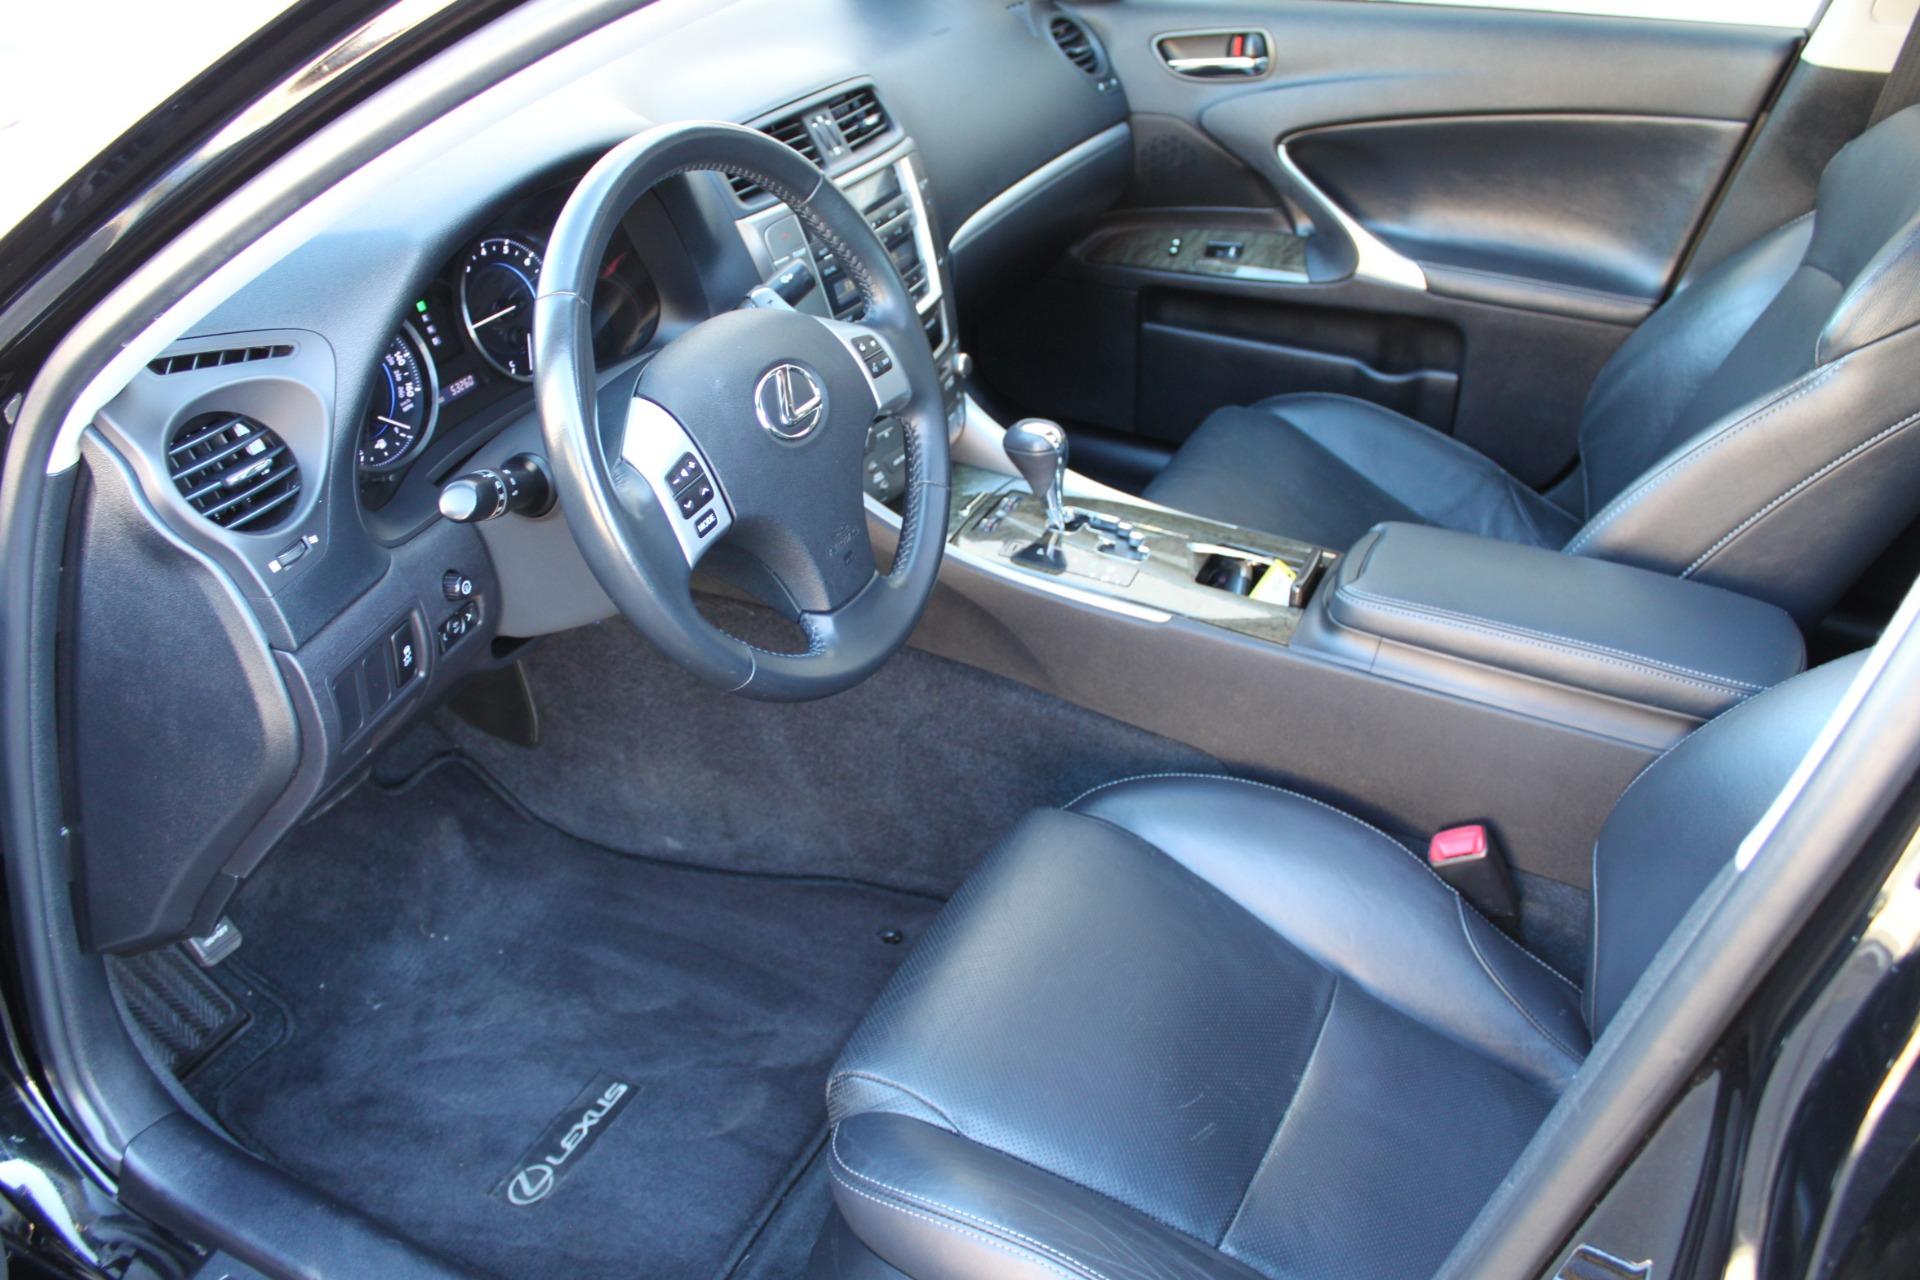 Used-2012-Lexus-IS-250-vintage